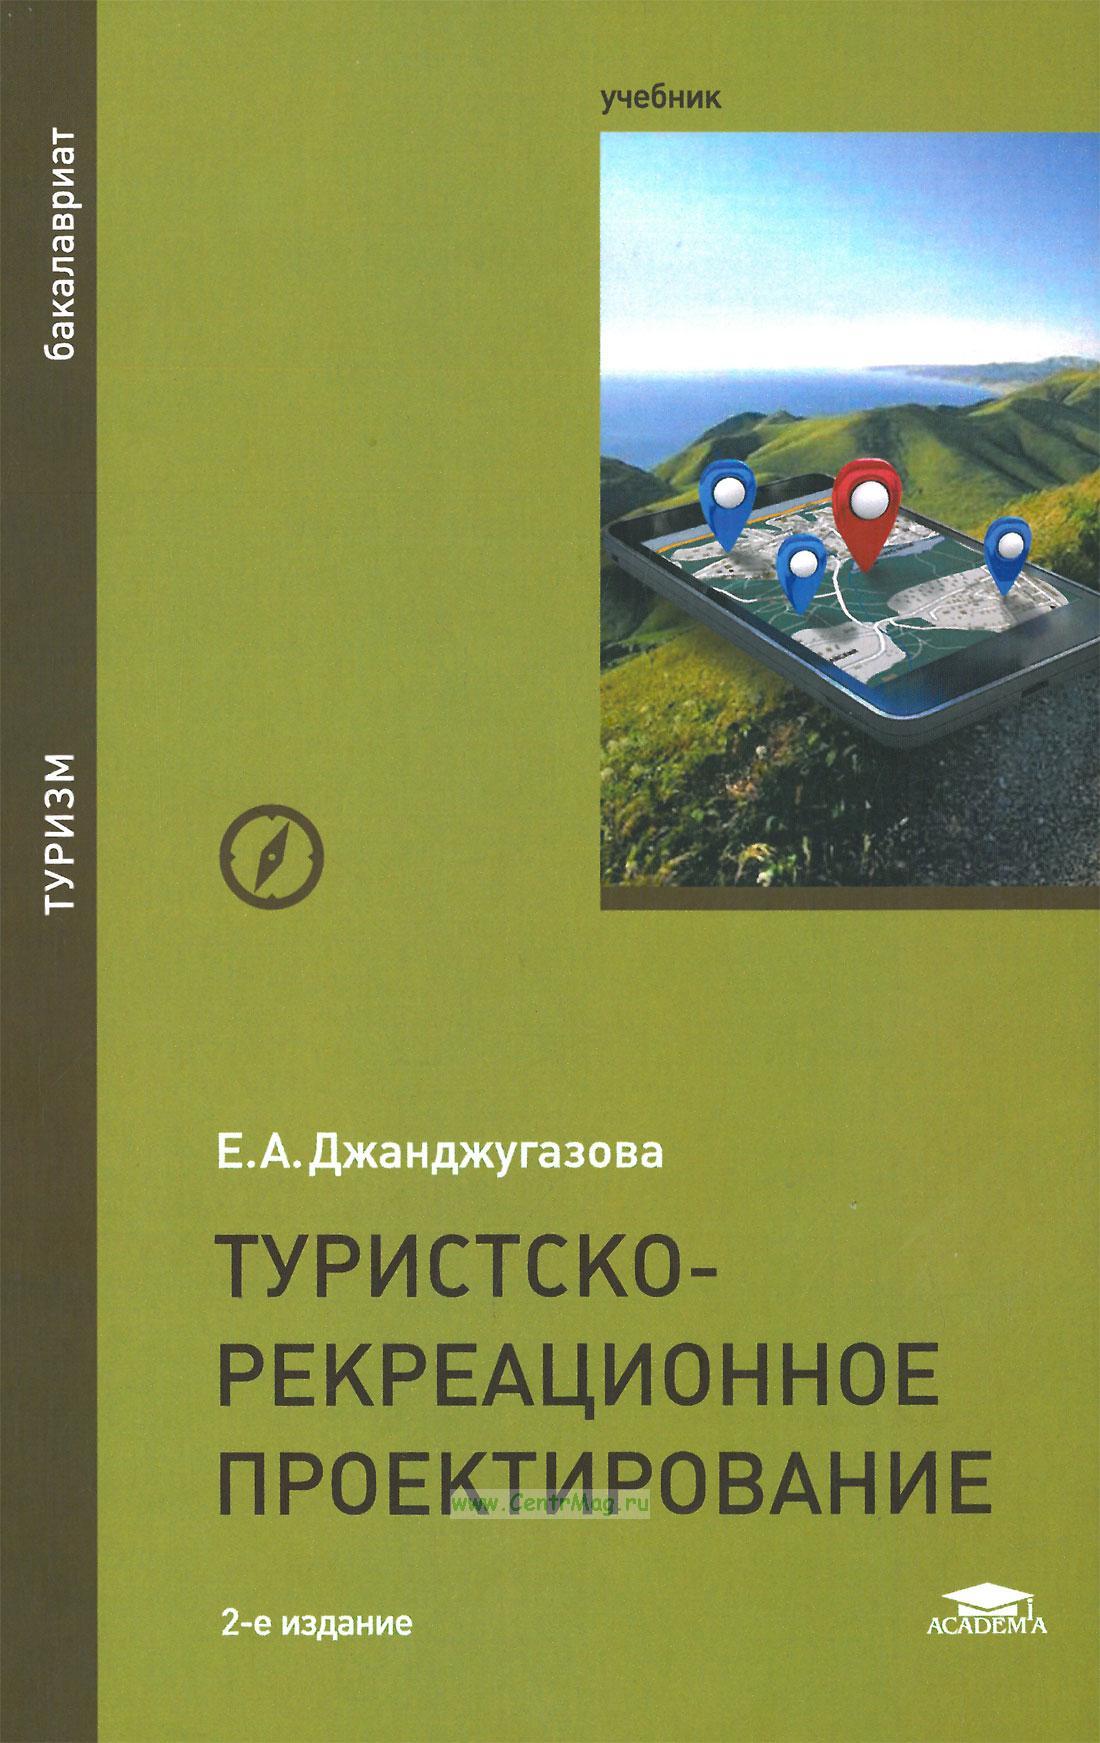 Туристско-рекреационное проектирование: учебник (2-е издание, дополненное)